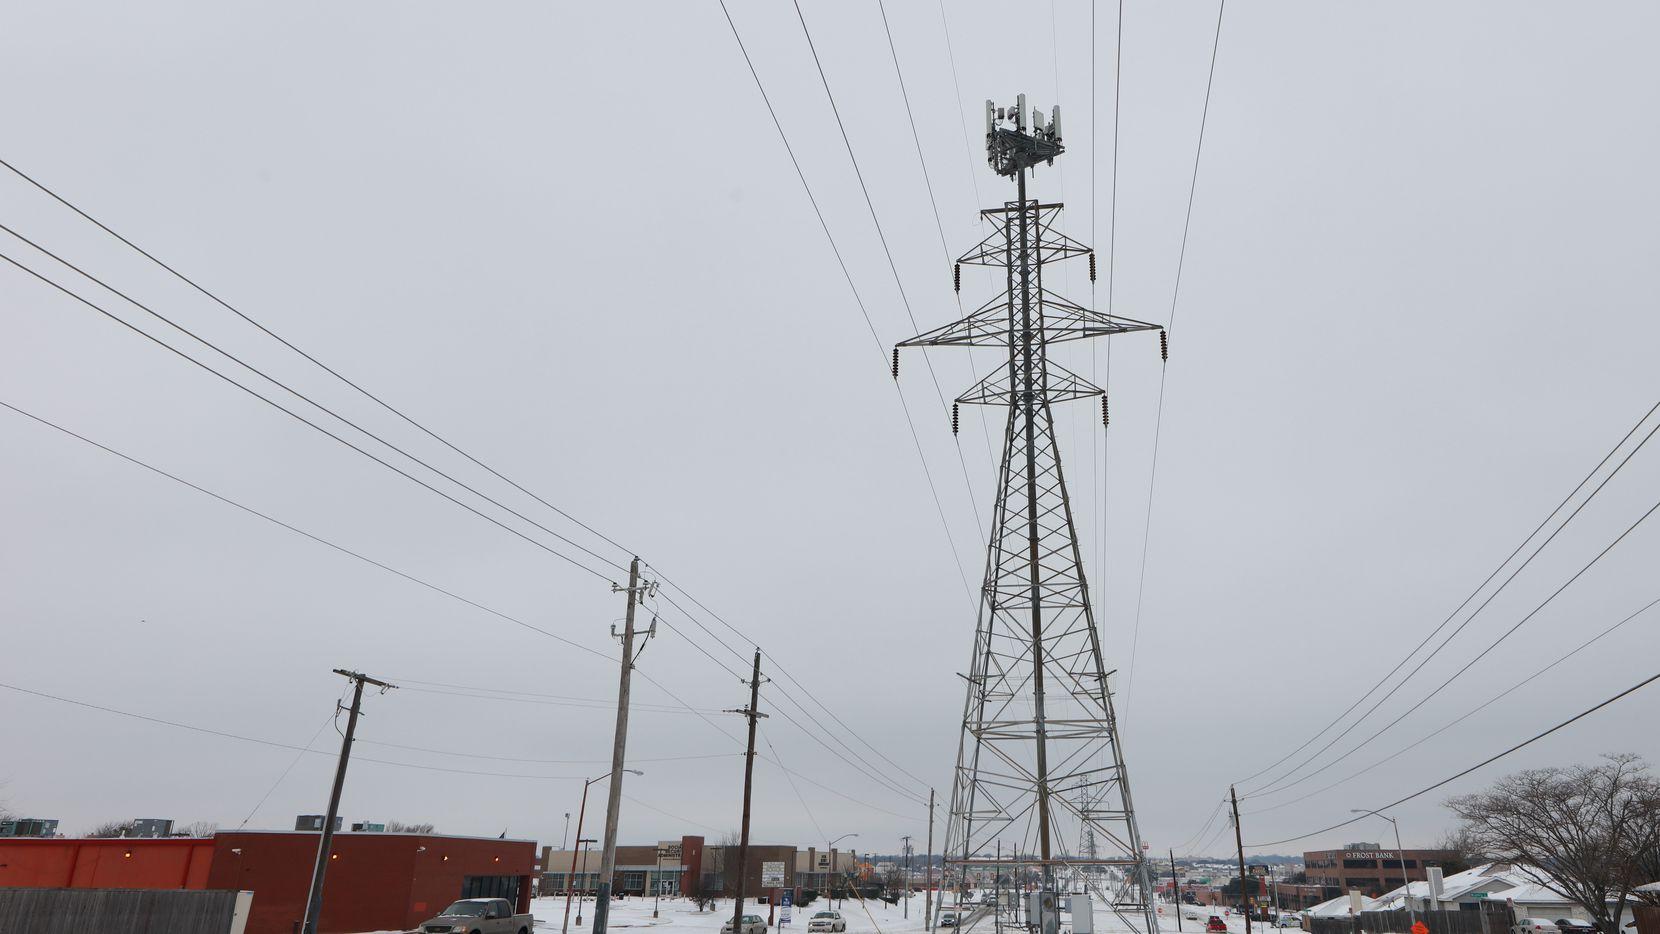 La Cámara de Representantes ya tiene al menos seis proyectos de ley dirigidos a preparar a la red eléctrica para otra eventualidad del clima.